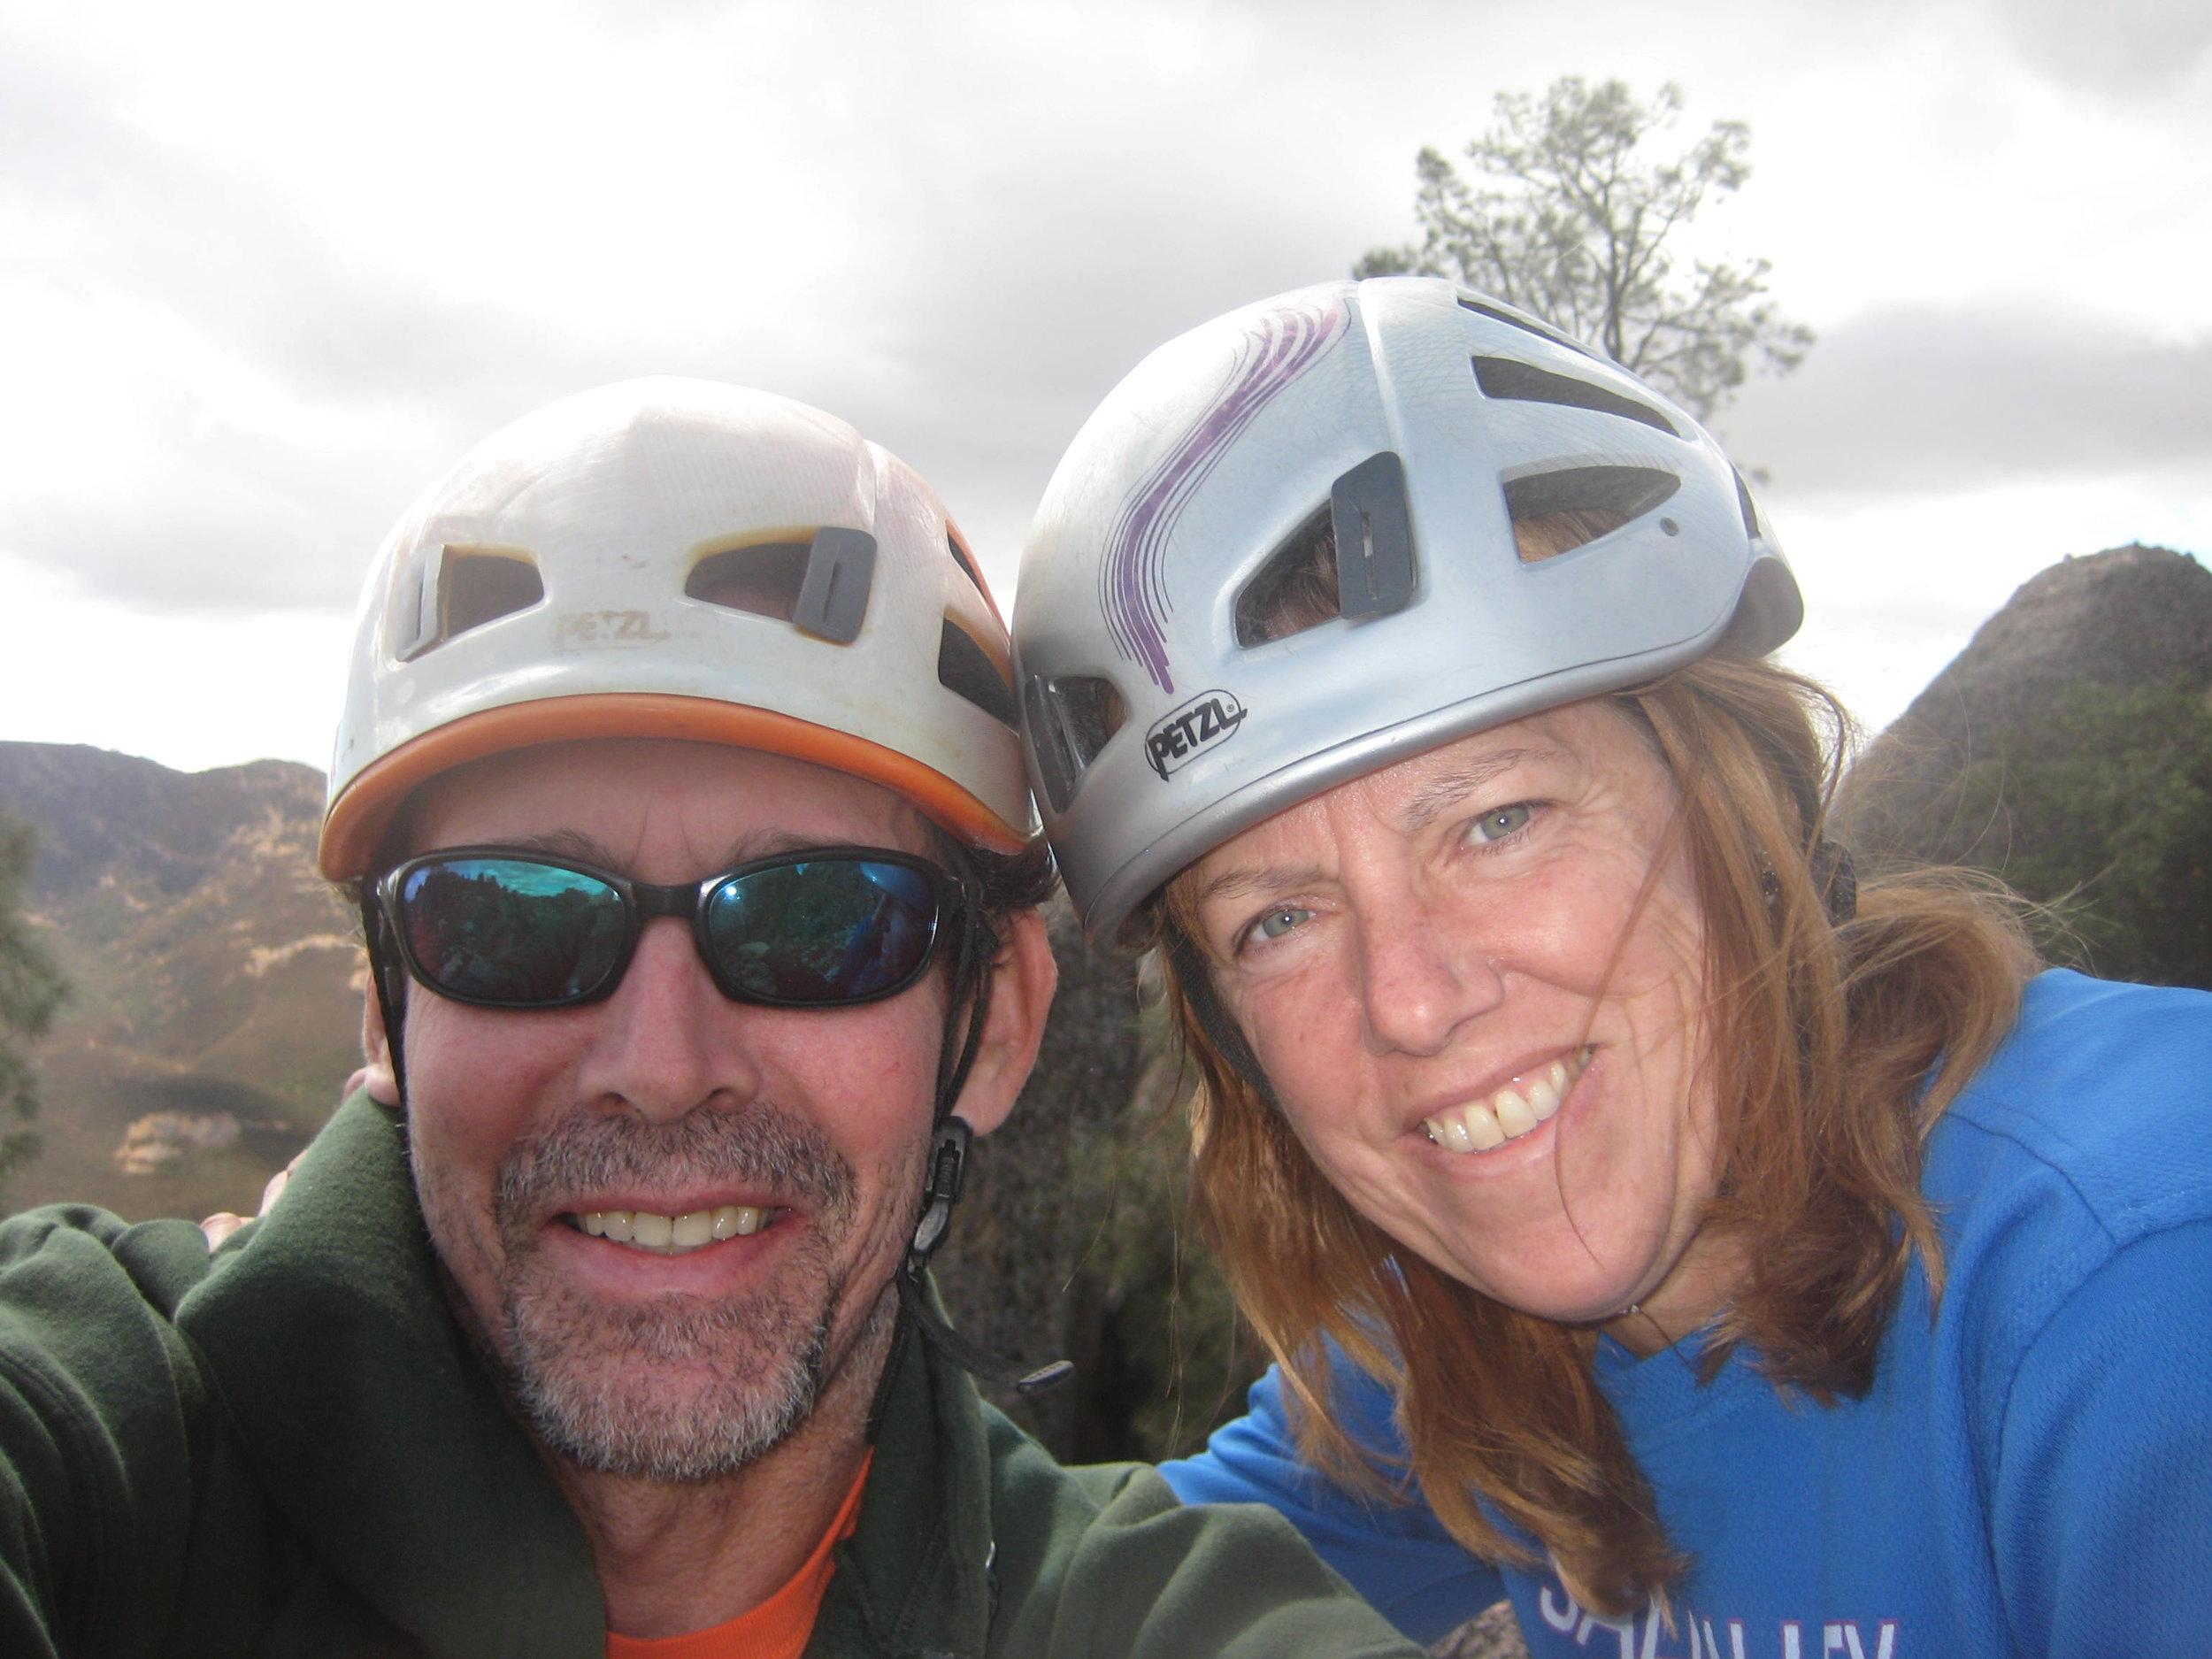 IMG_4298 summit selfie on Satyr.JPG